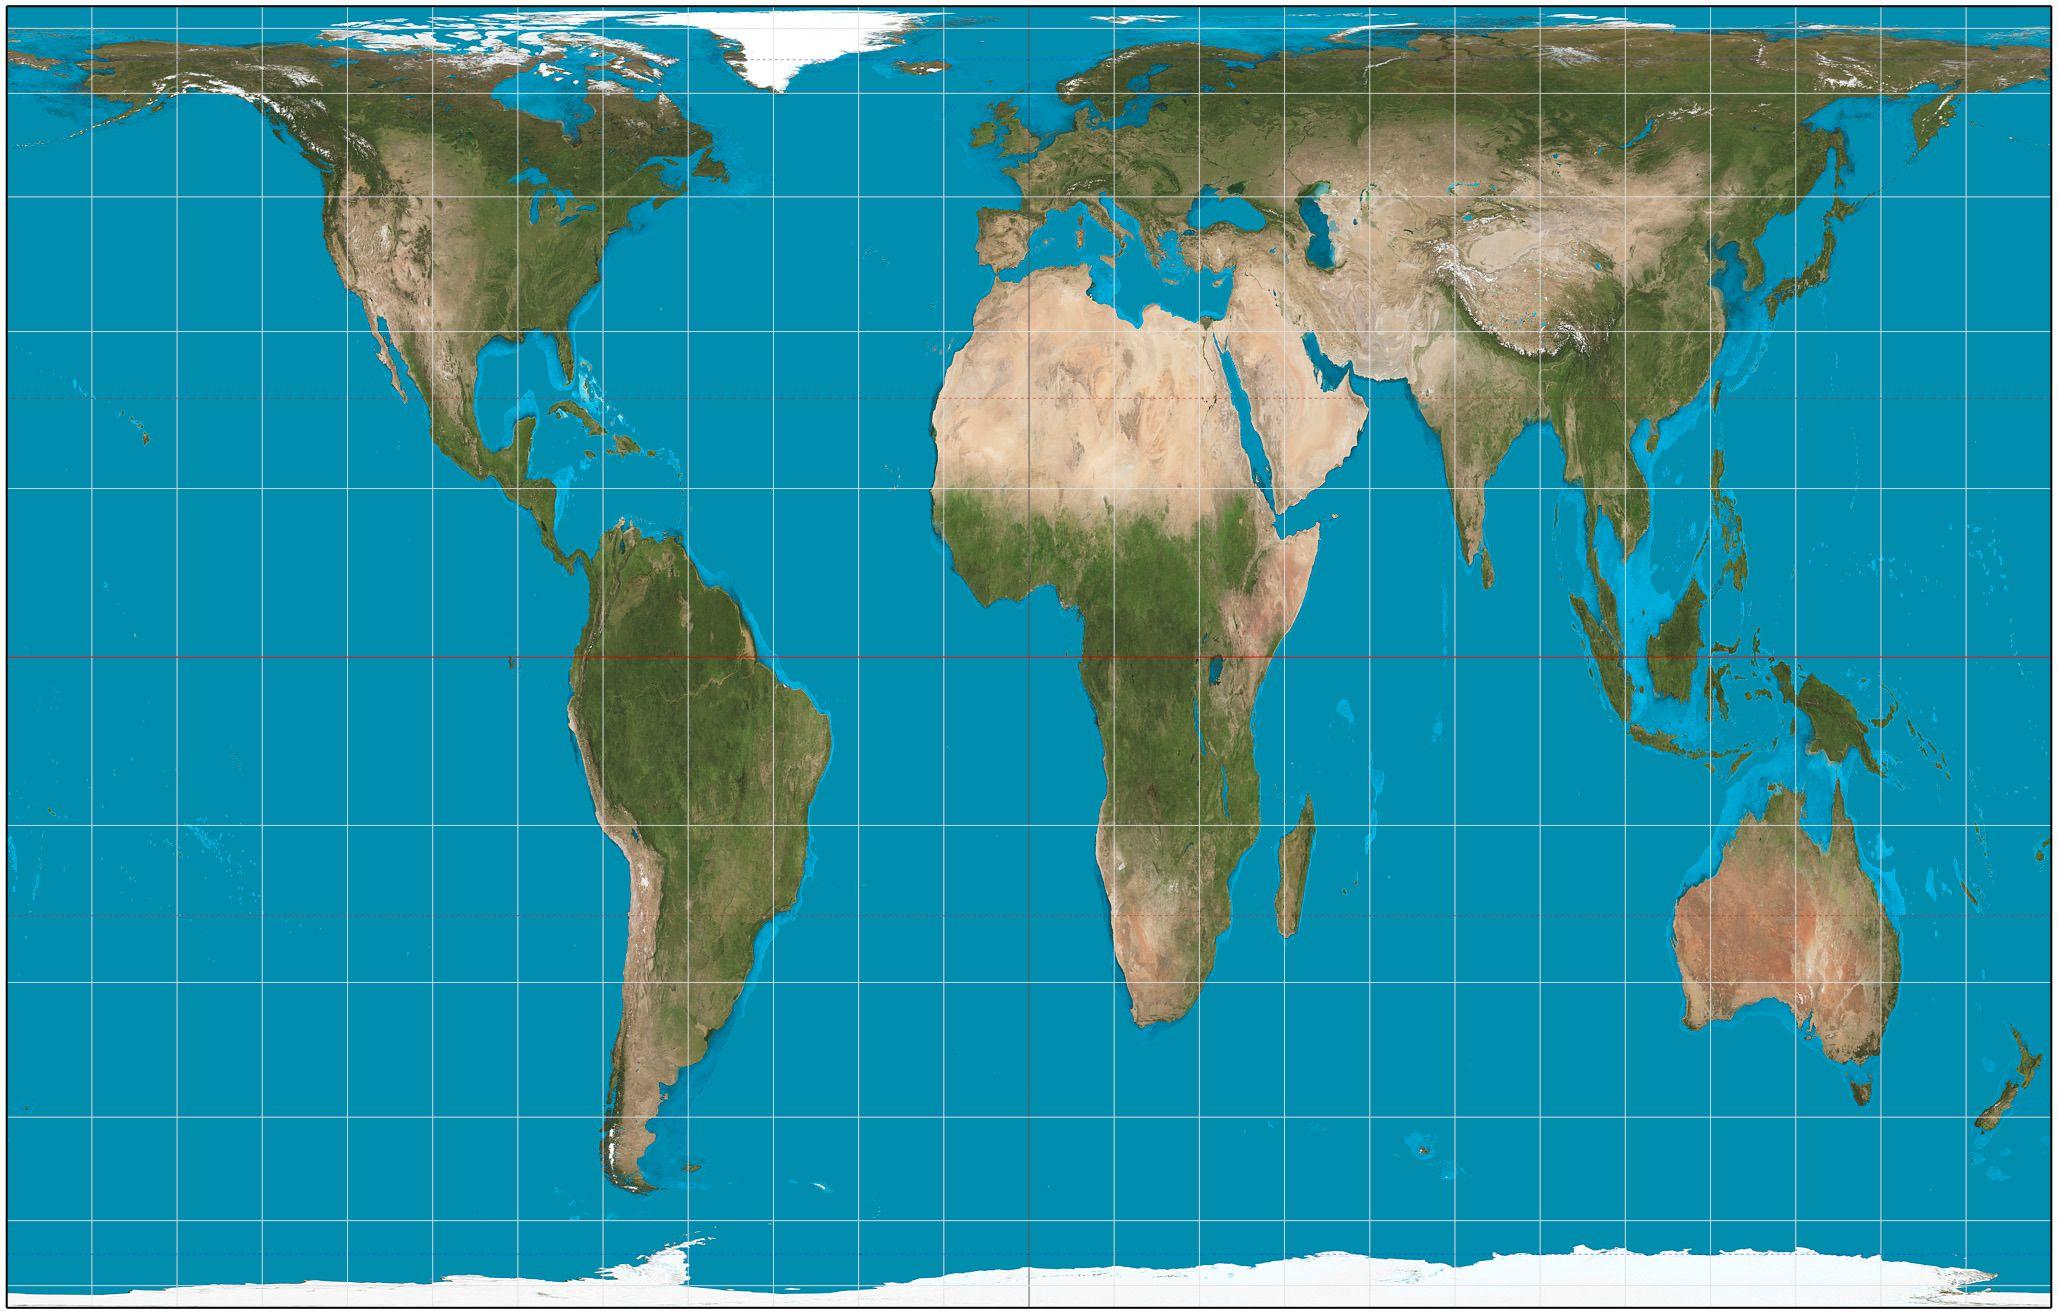 Dette er et verdenskart der Afrika faktisk er omtrent 14,5 ganger større enn Grønland, slik også virkeligheten er. Områder nærme ekvator er imidlertid strukket i nord-sør-retning og områdene nærme polene er flattrykte. Foto: Wikipedia Commons